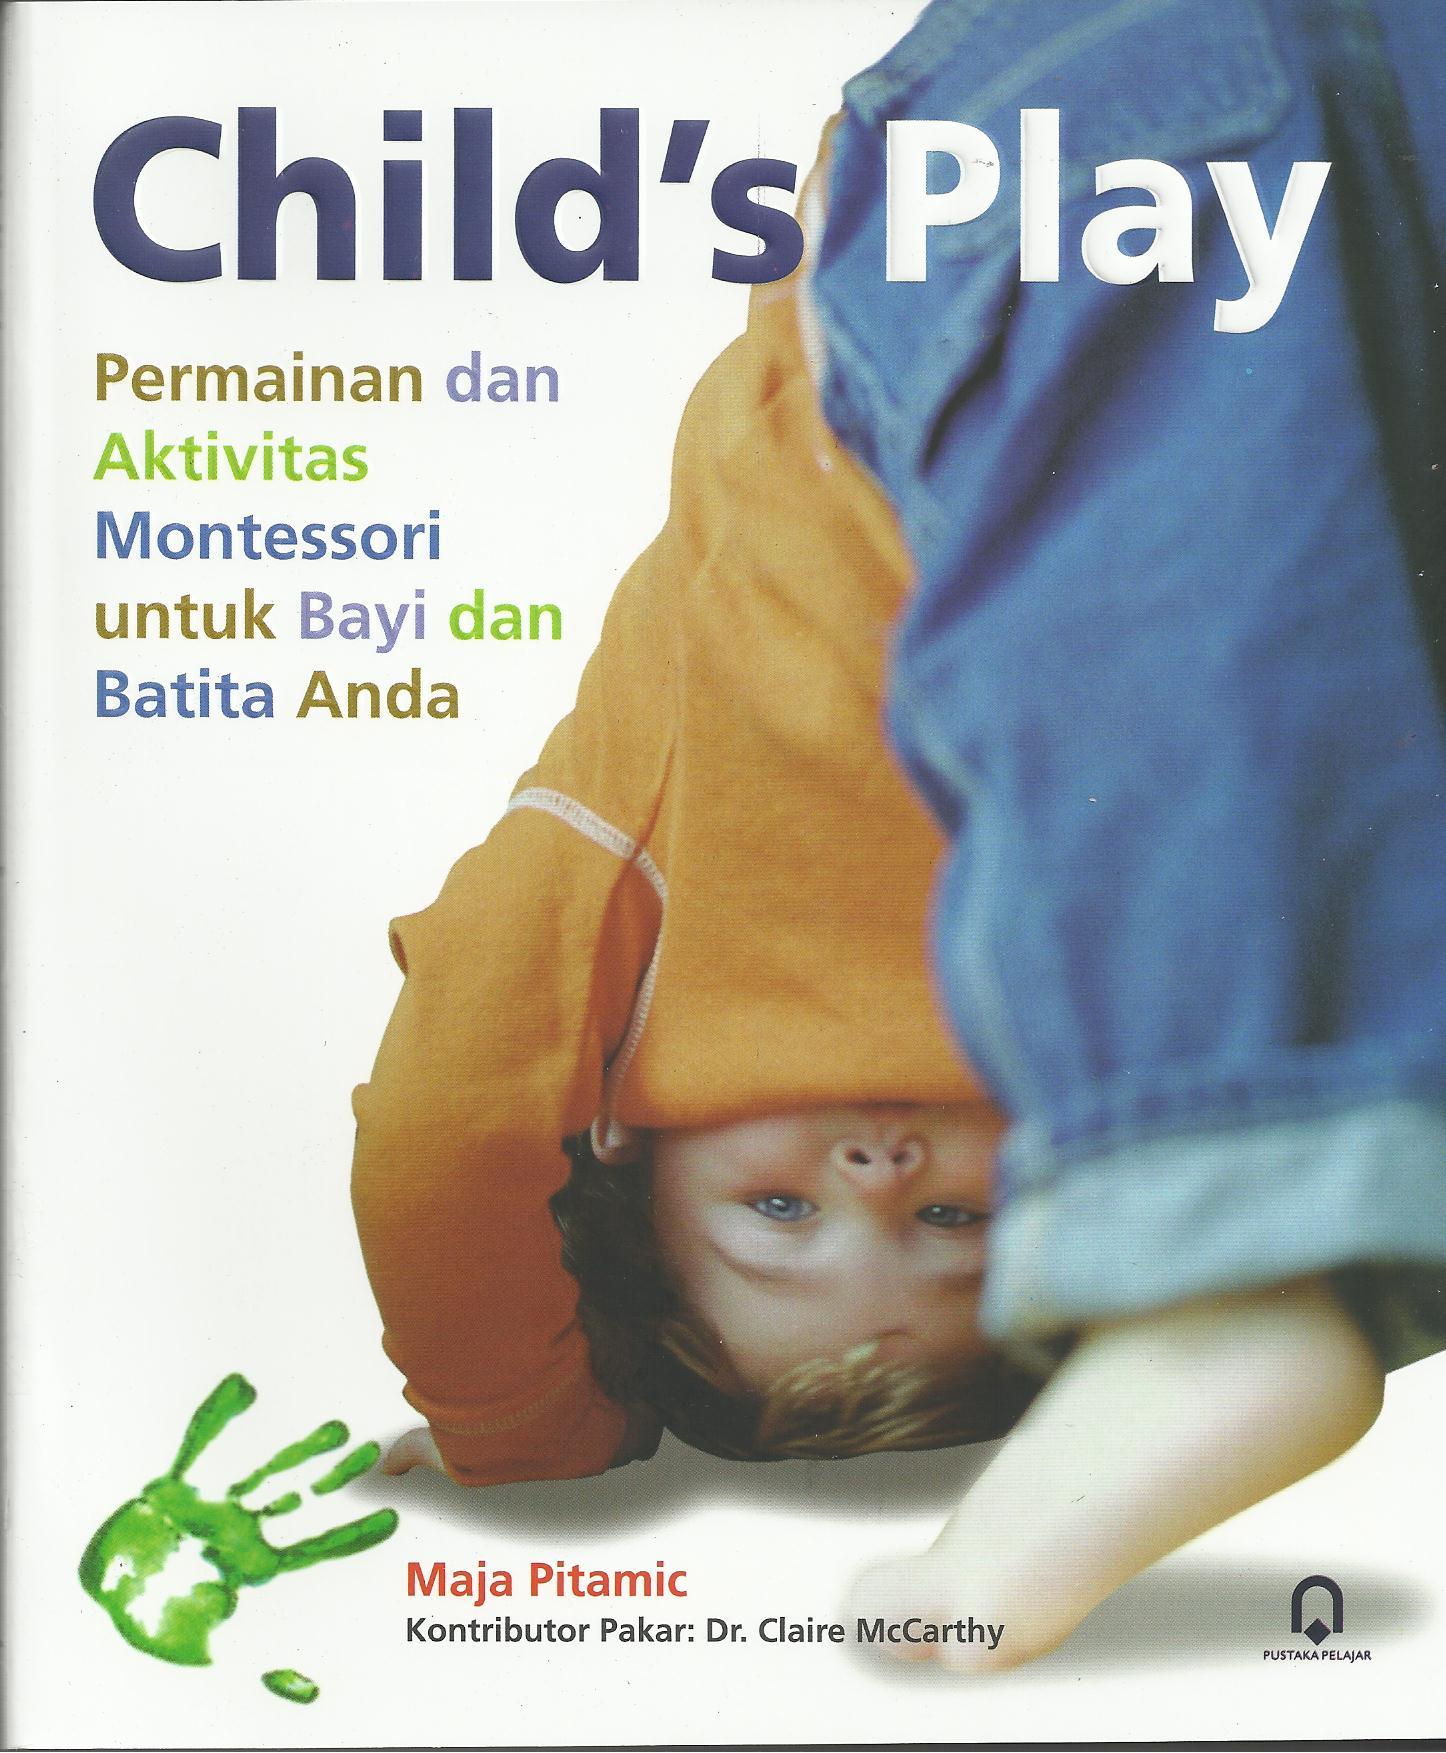 Child's Play Permainan dan Aktivitas Montessori  untuk bayi dan balita anda